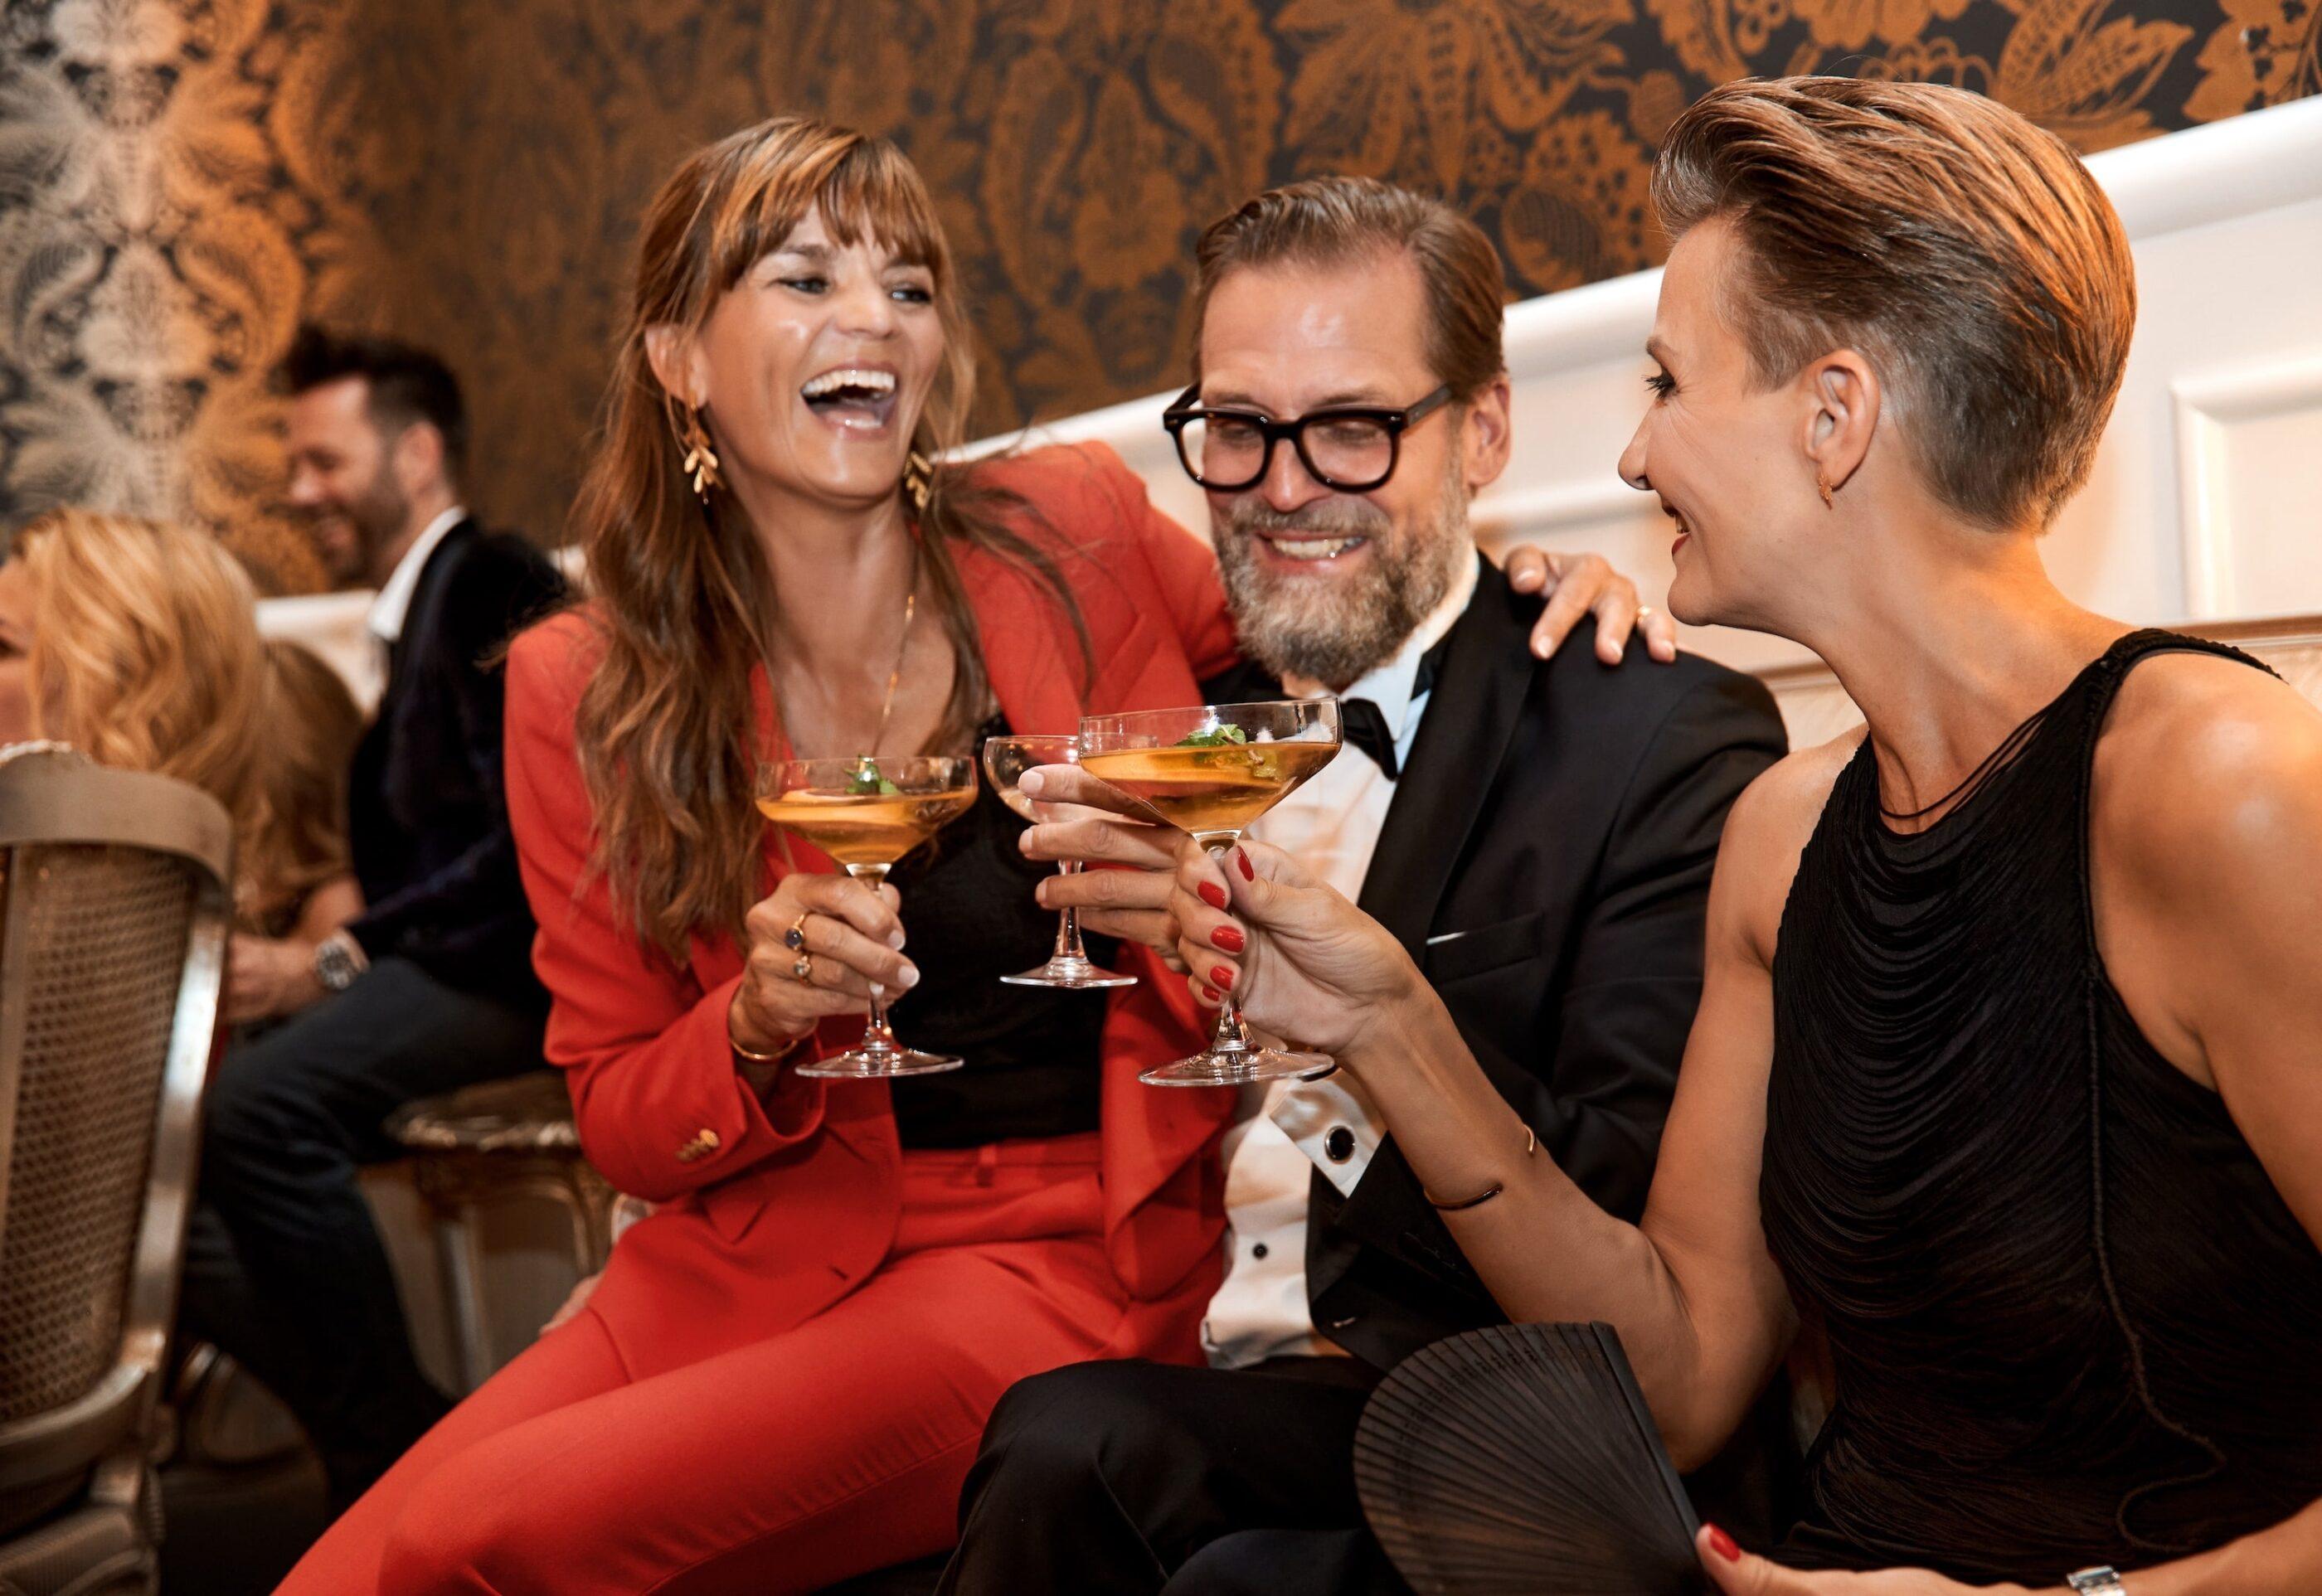 En mand sidder med 2 kvinder og de skåler alle med deres drinks